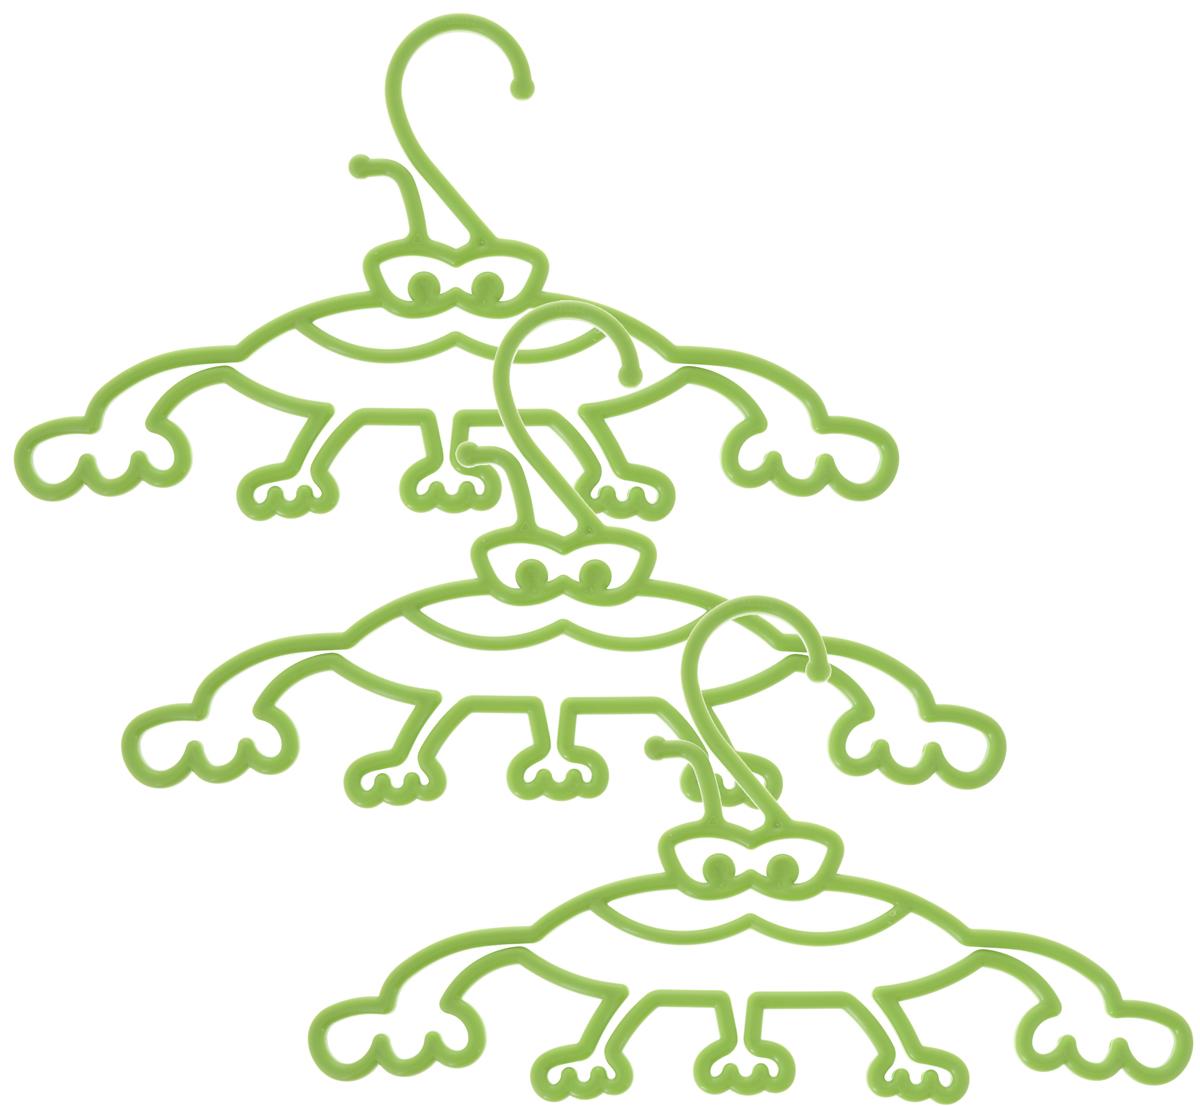 Набор вешалок Пластишка, с крючками, цвет: салатовый, 3 шт10503Набор вешалок для одежды Пластишка, изготовленный из прочного полипропилена, состоит из 3 детских вешалок для одежды с закругленными плечиками. Изделия оснащены крючками.В составе вешалок не используется бисфенол А, что делает их использование гораздо безопаснее. Забавный дизайн вешалок порадует как детей, так и их родителей. Вешалка - это незаменимая вещь для того, чтобы ваша одежда всегда оставалась в хорошем состоянии.Комплектация: 3 шт.